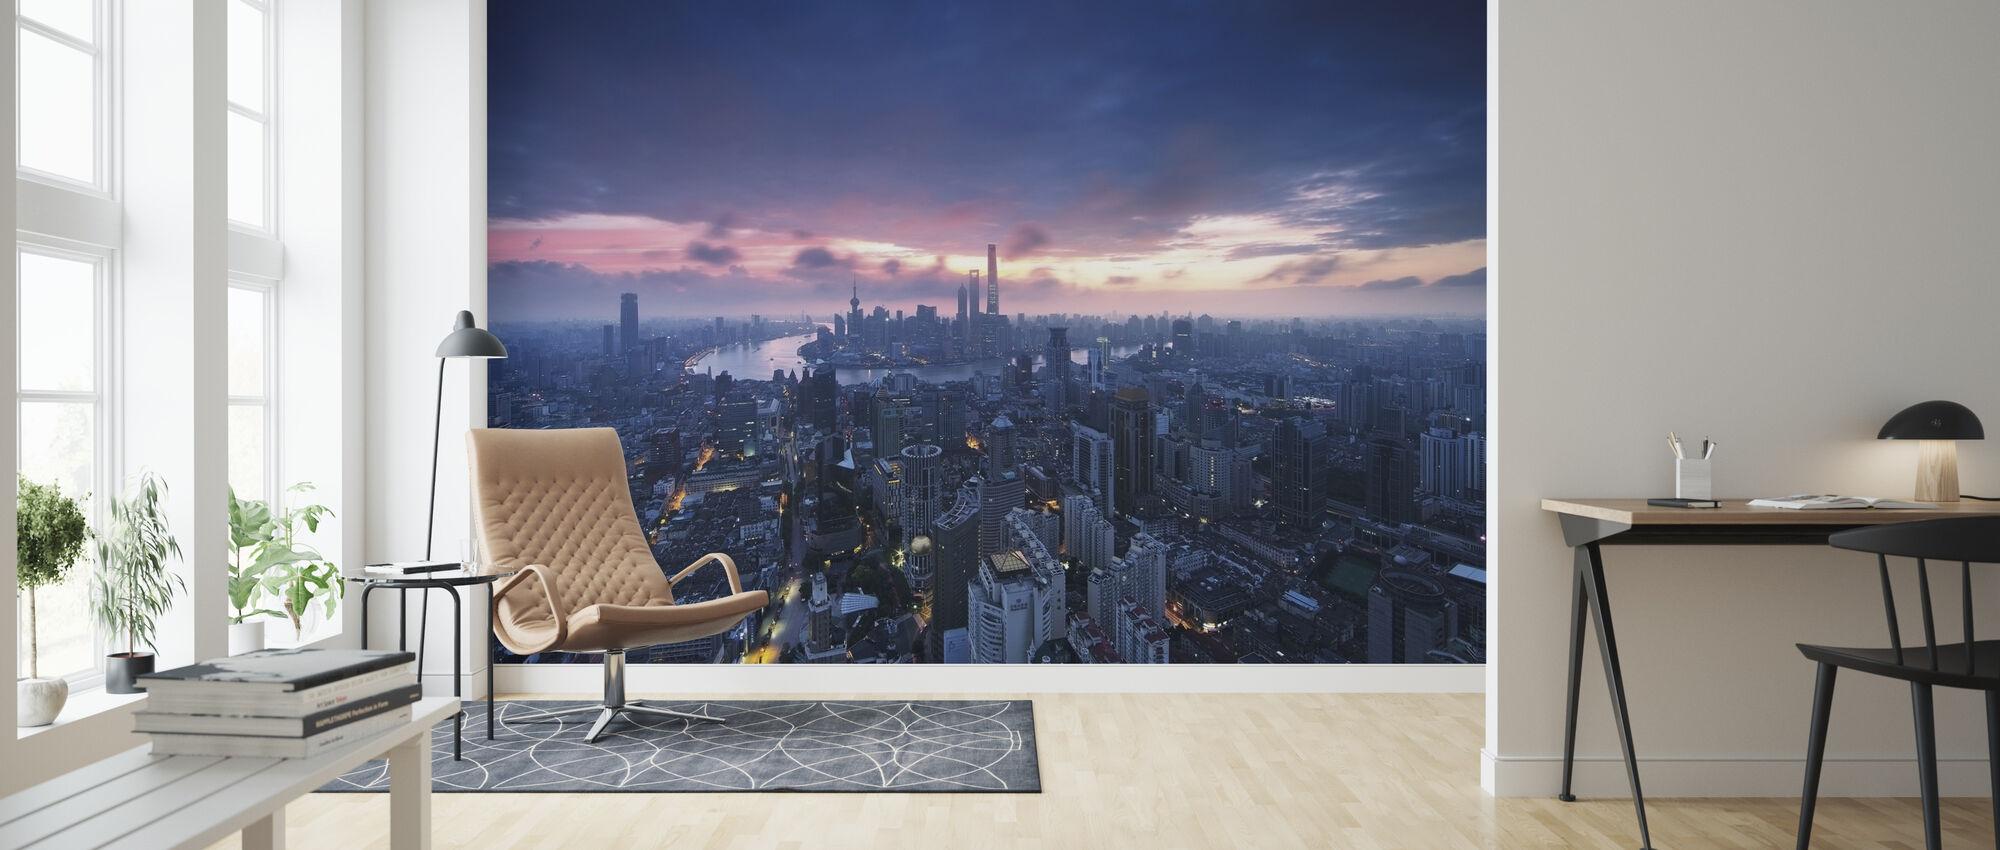 Shanghai City Sunrise - Wallpaper - Living Room